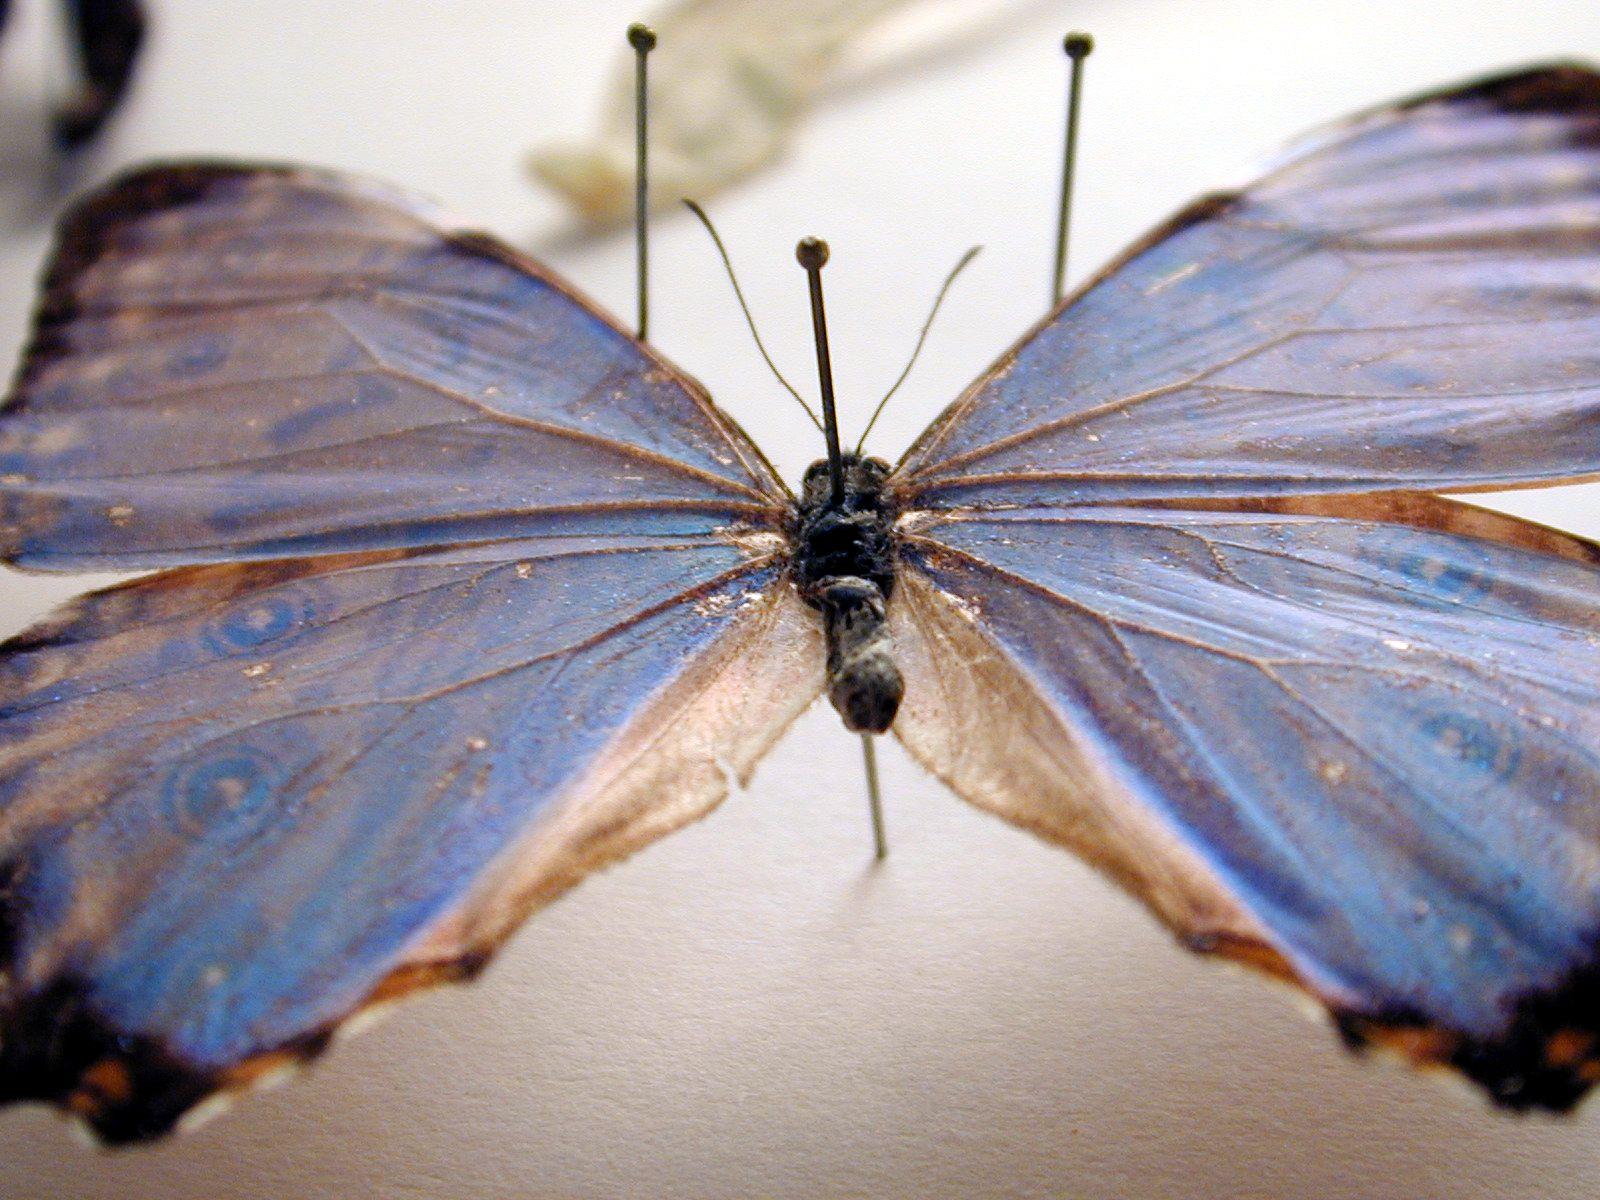 b1butterfly011.jpg